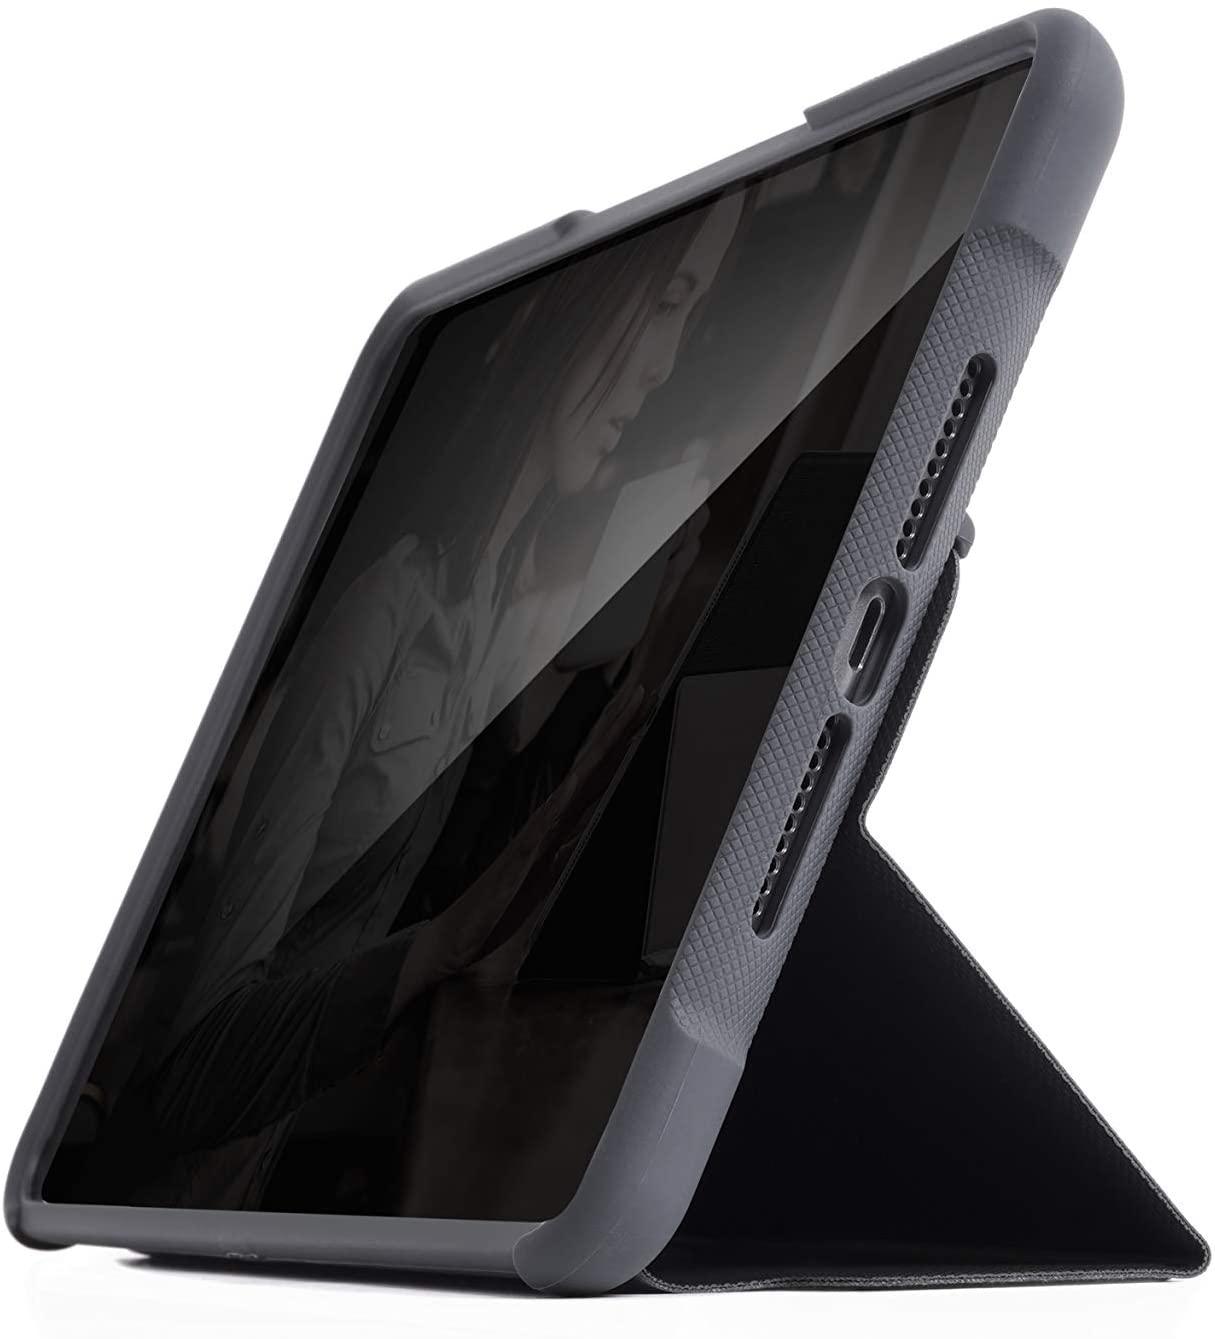 STM Dux Case for Ipad Mini 5th Gen/Mini 4 Case 2019 Black (STM-222-160GY-01)